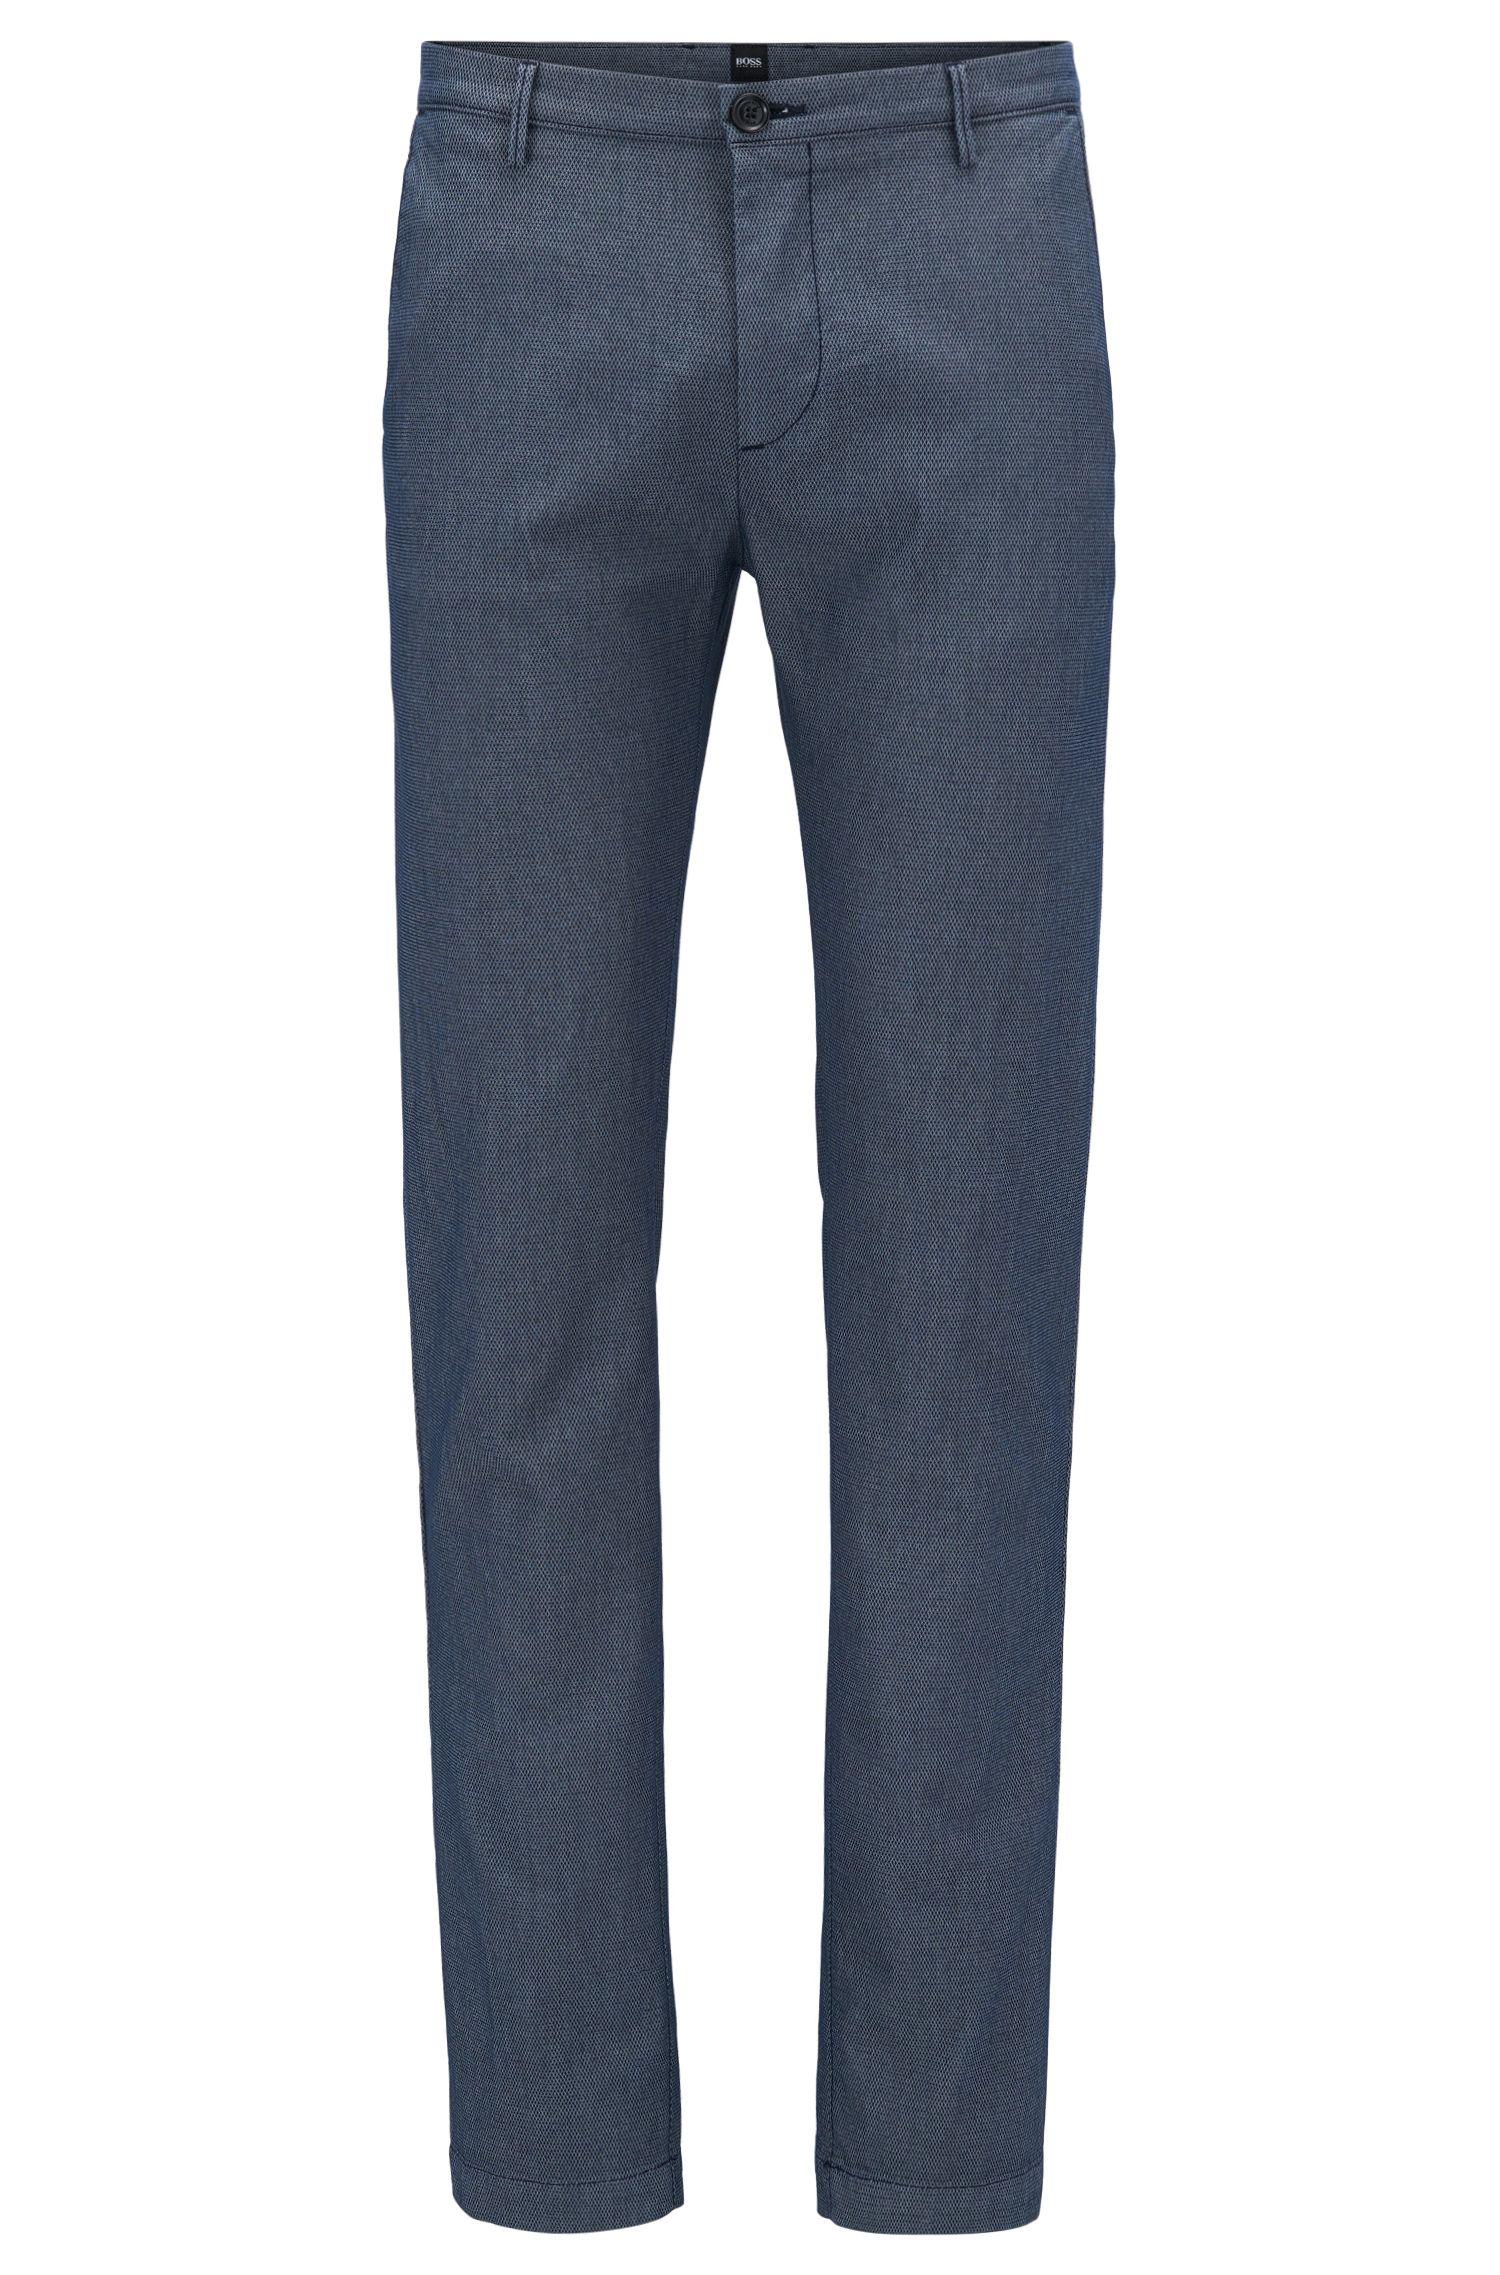 Chino Slim Fit en coton stretch mélangé texturé